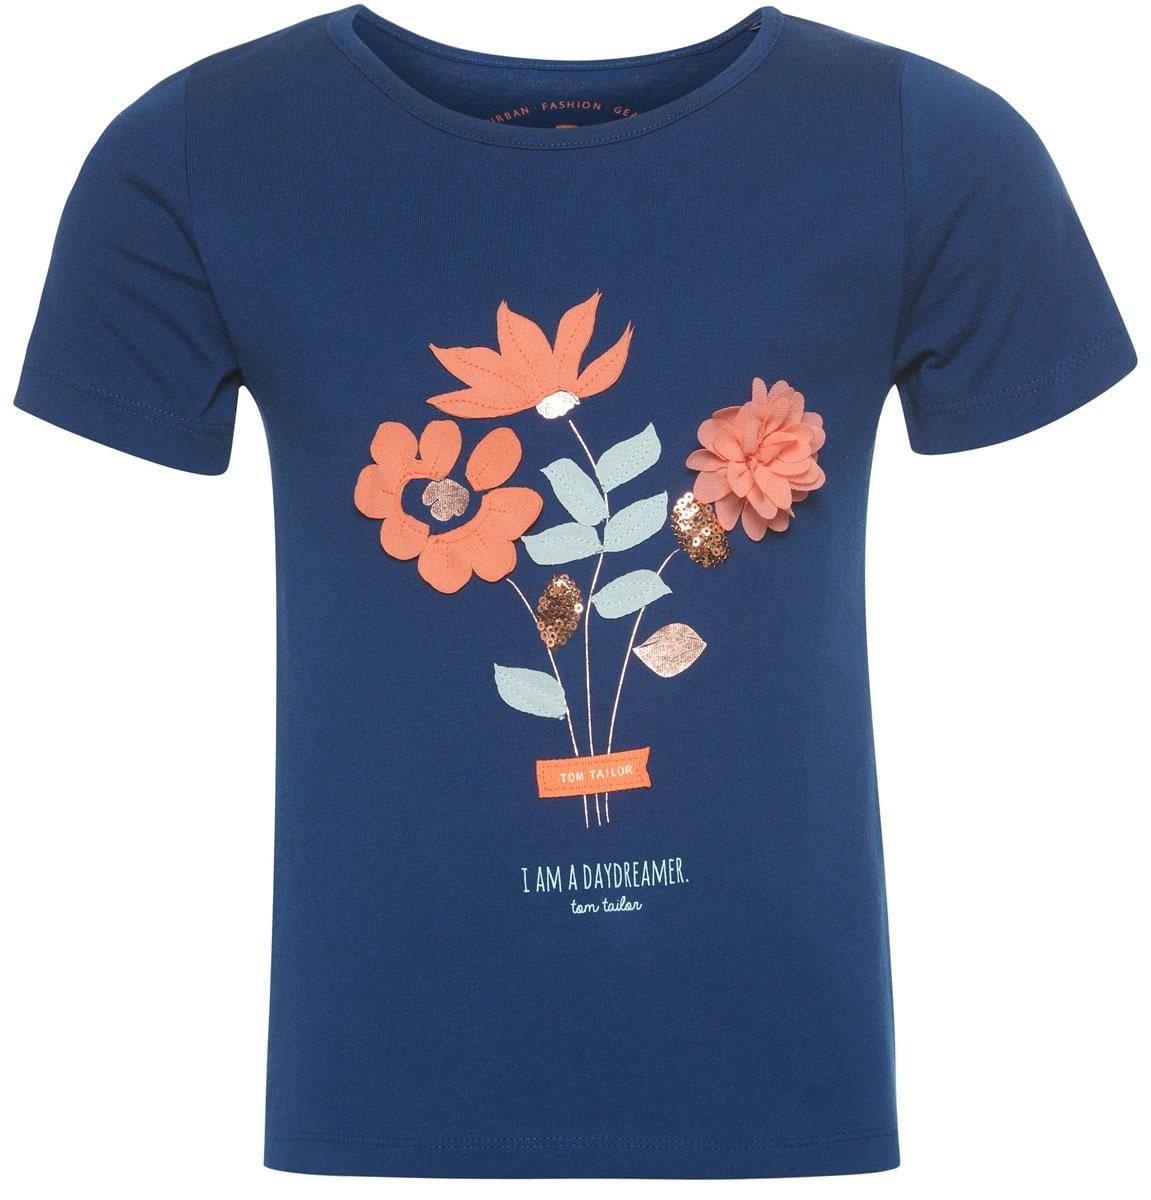 Футболка для девочки Tom Tailor, цвет: темно-синий. 1037044.00.81_6845. Размер 116/122 джинсы для девочки tom tailor цвет синий 6205466 00 81 1094 размер 122